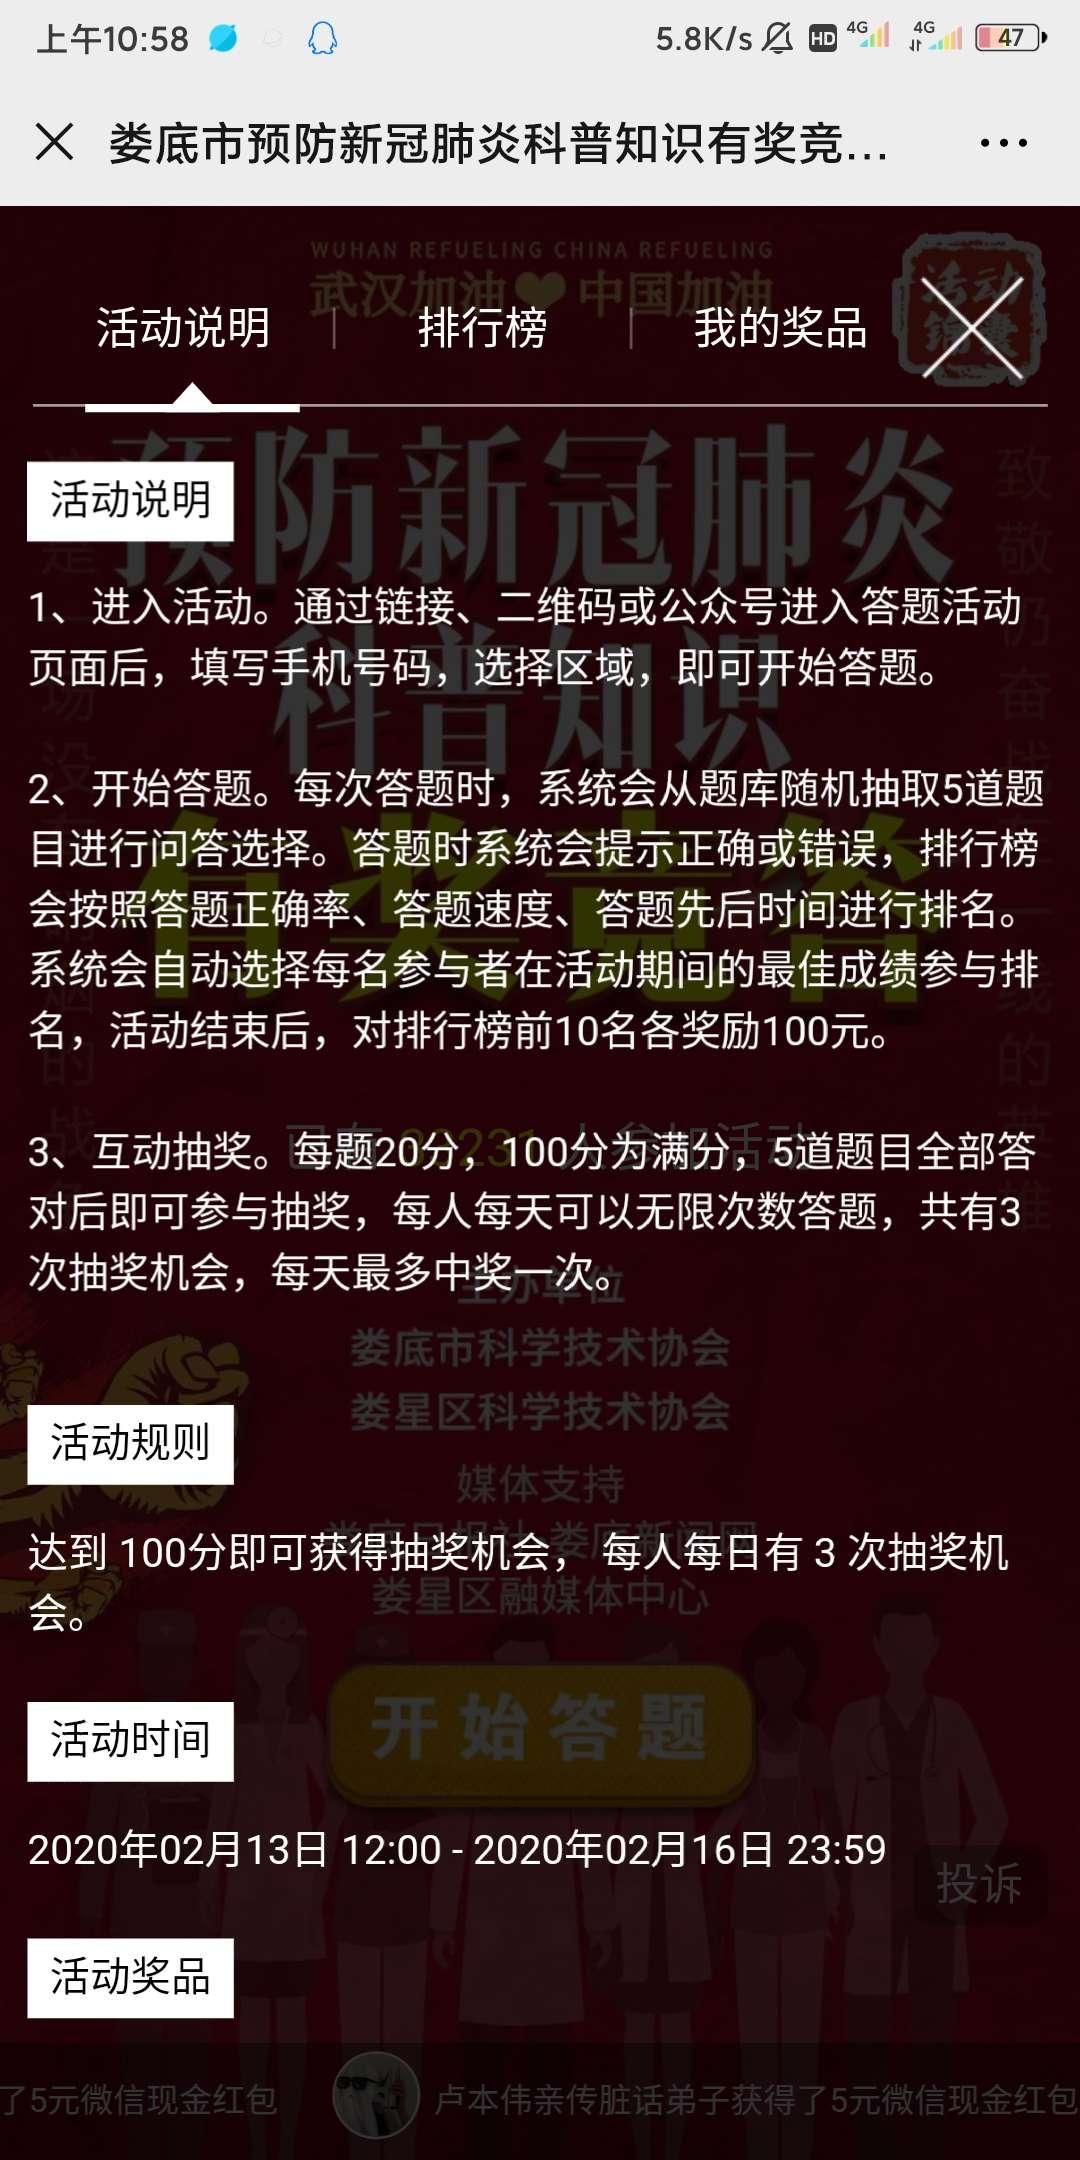 【现金红包】答题抽红包-惠小助(52huixz.com)